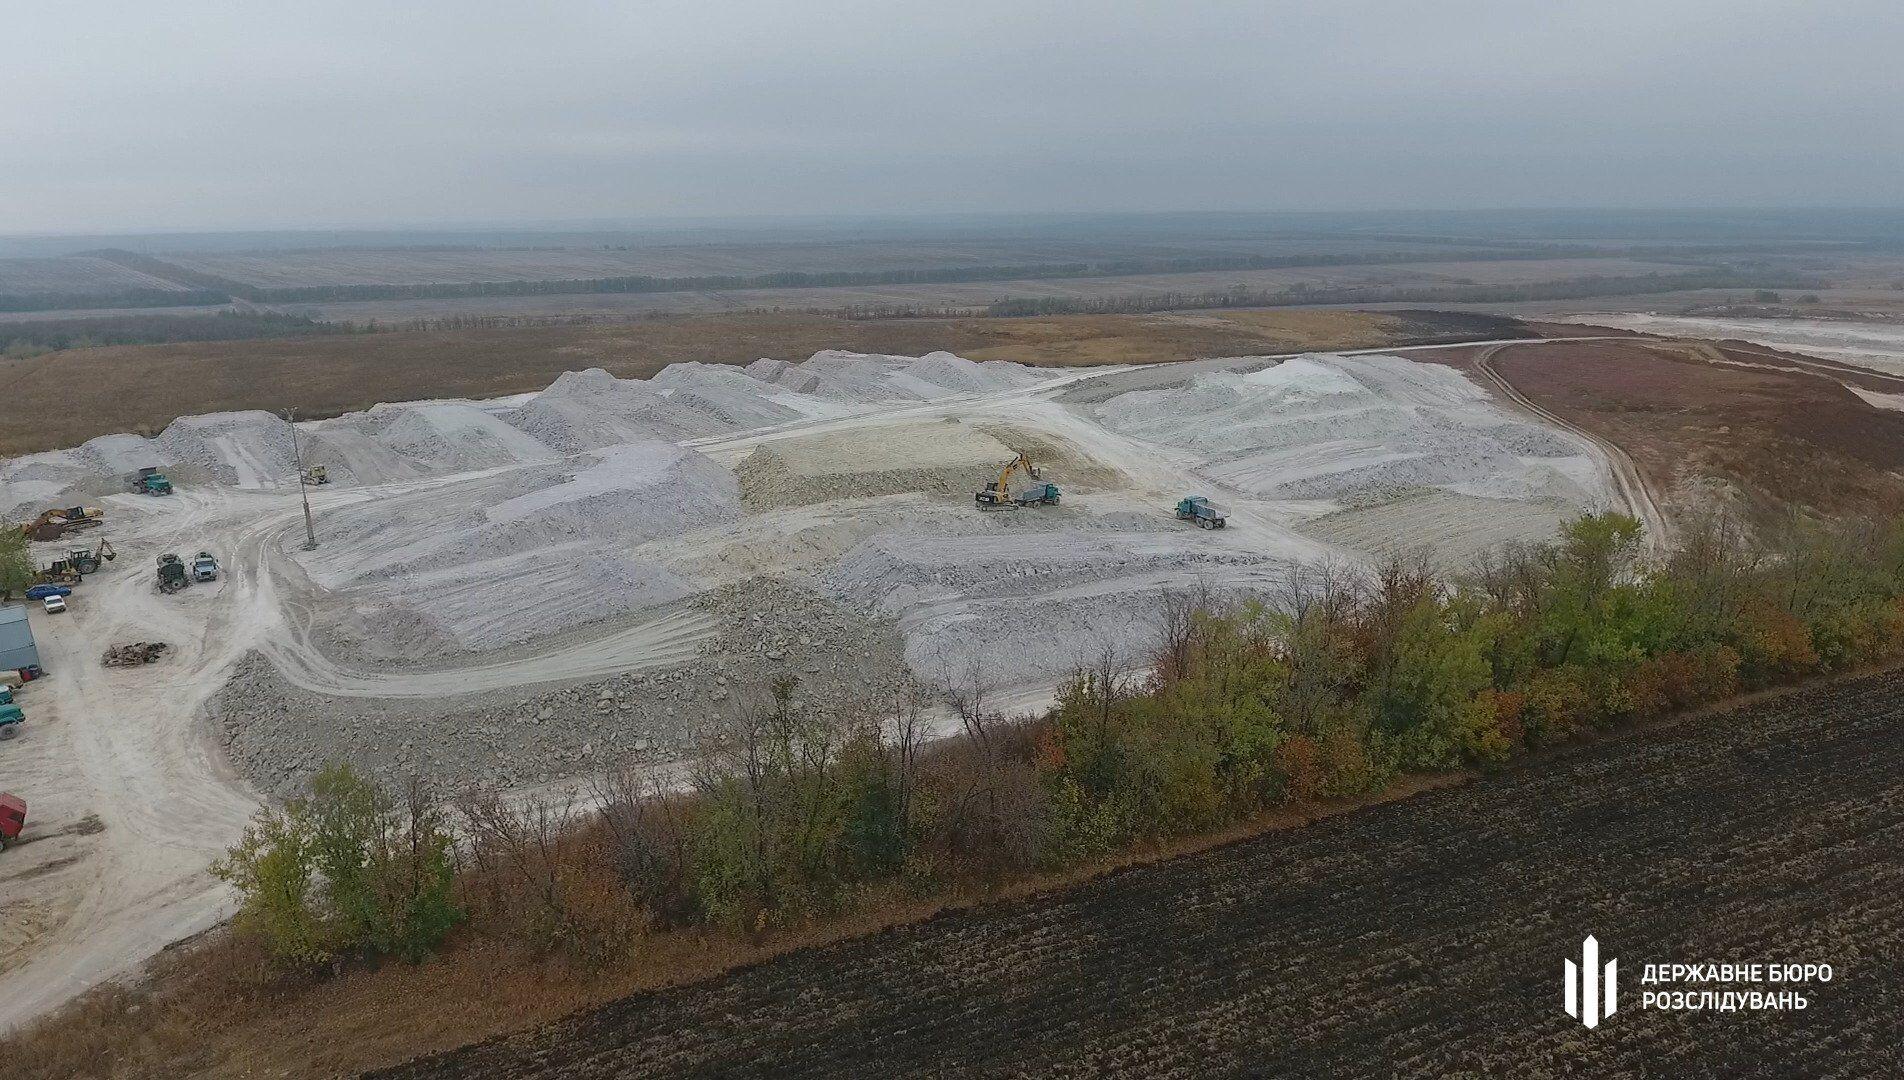 ДБР розкрило схему незаконного видобутку копалин в Україні: через чиновника країна втратила десятки мільйонів